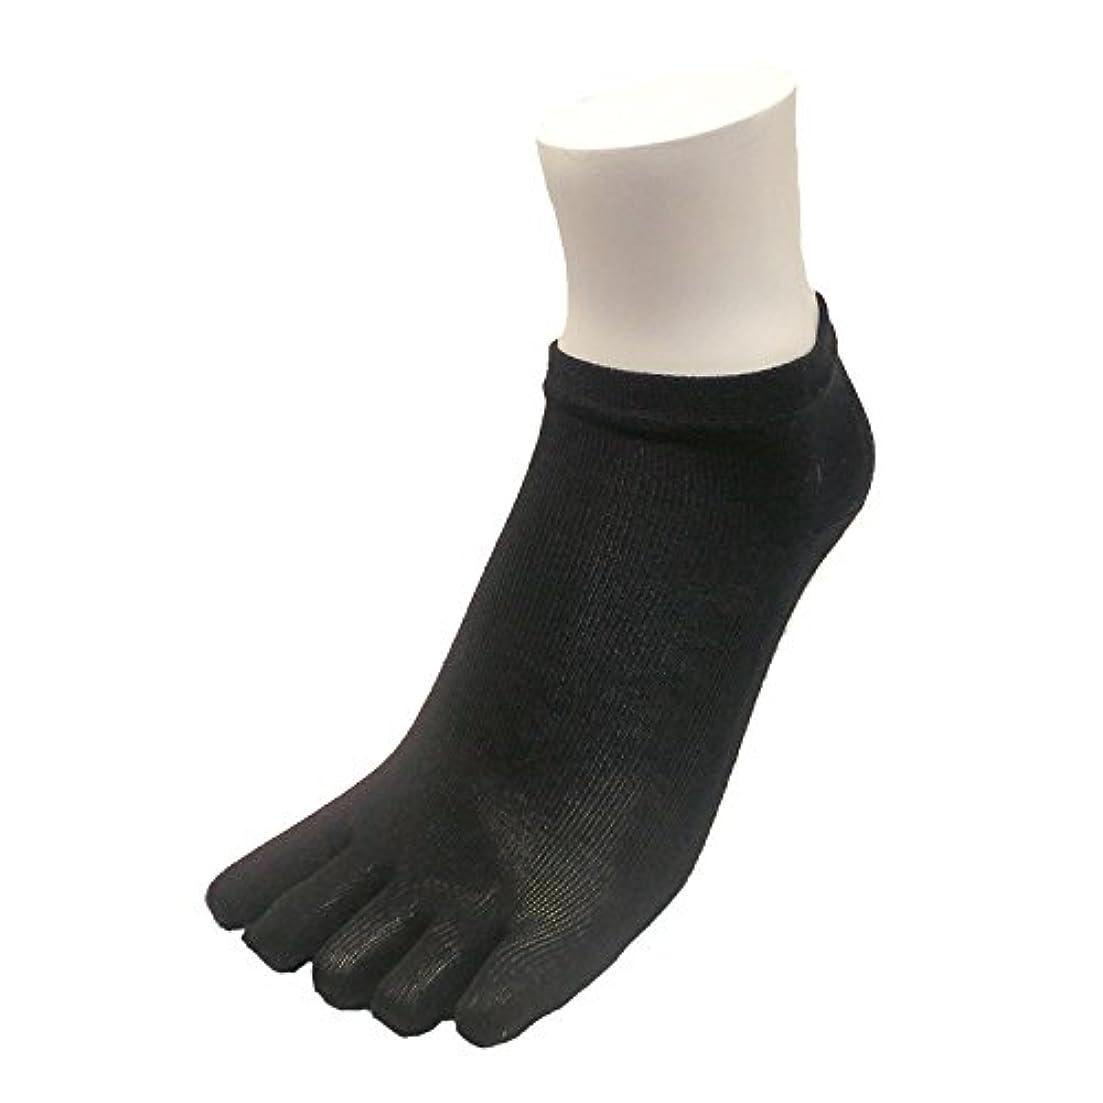 急速な打たれたトラック機転シルク 五本指 ソックス 23-25cm 日本製 (ブラック3足セット)絹 靴下